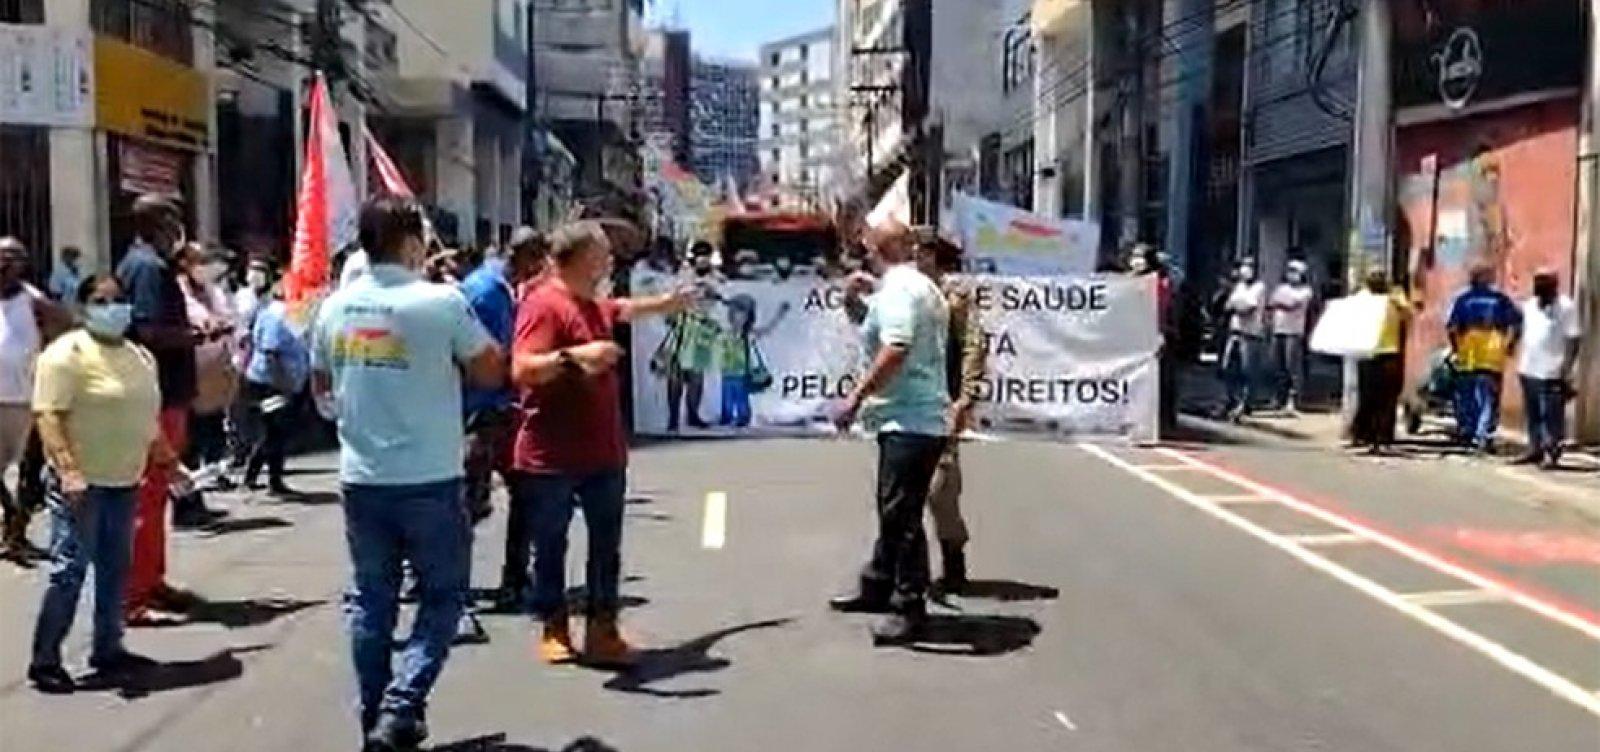 Profissionais da saúde realizam manifestação por reajuste salarial no Centro de Salvador